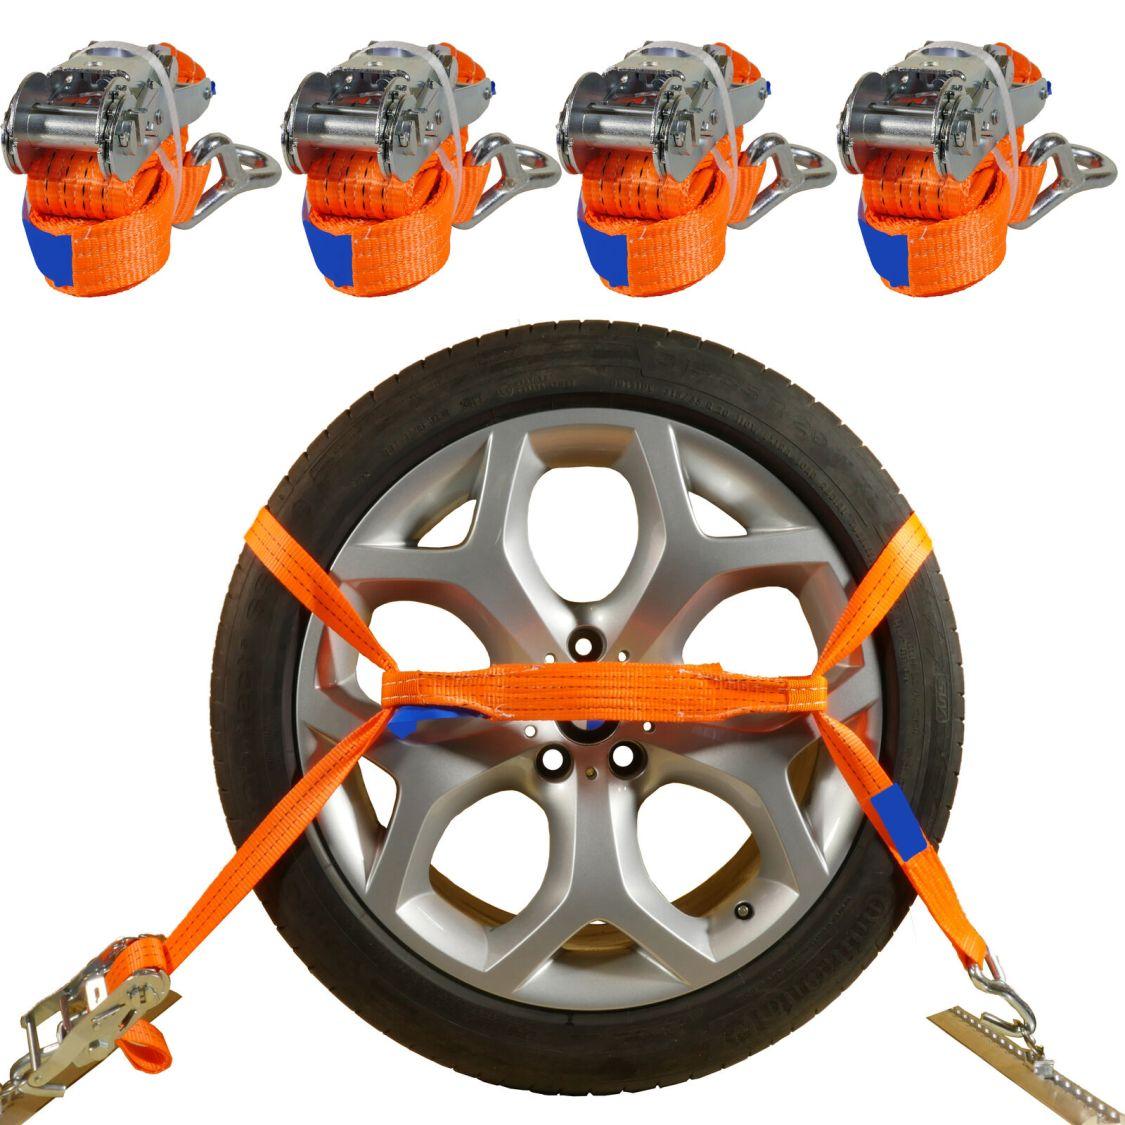 4 x Profi Auto Transport Spanngurt Radsicherung Reifengurt Zurrgurte PKW  DIN EN